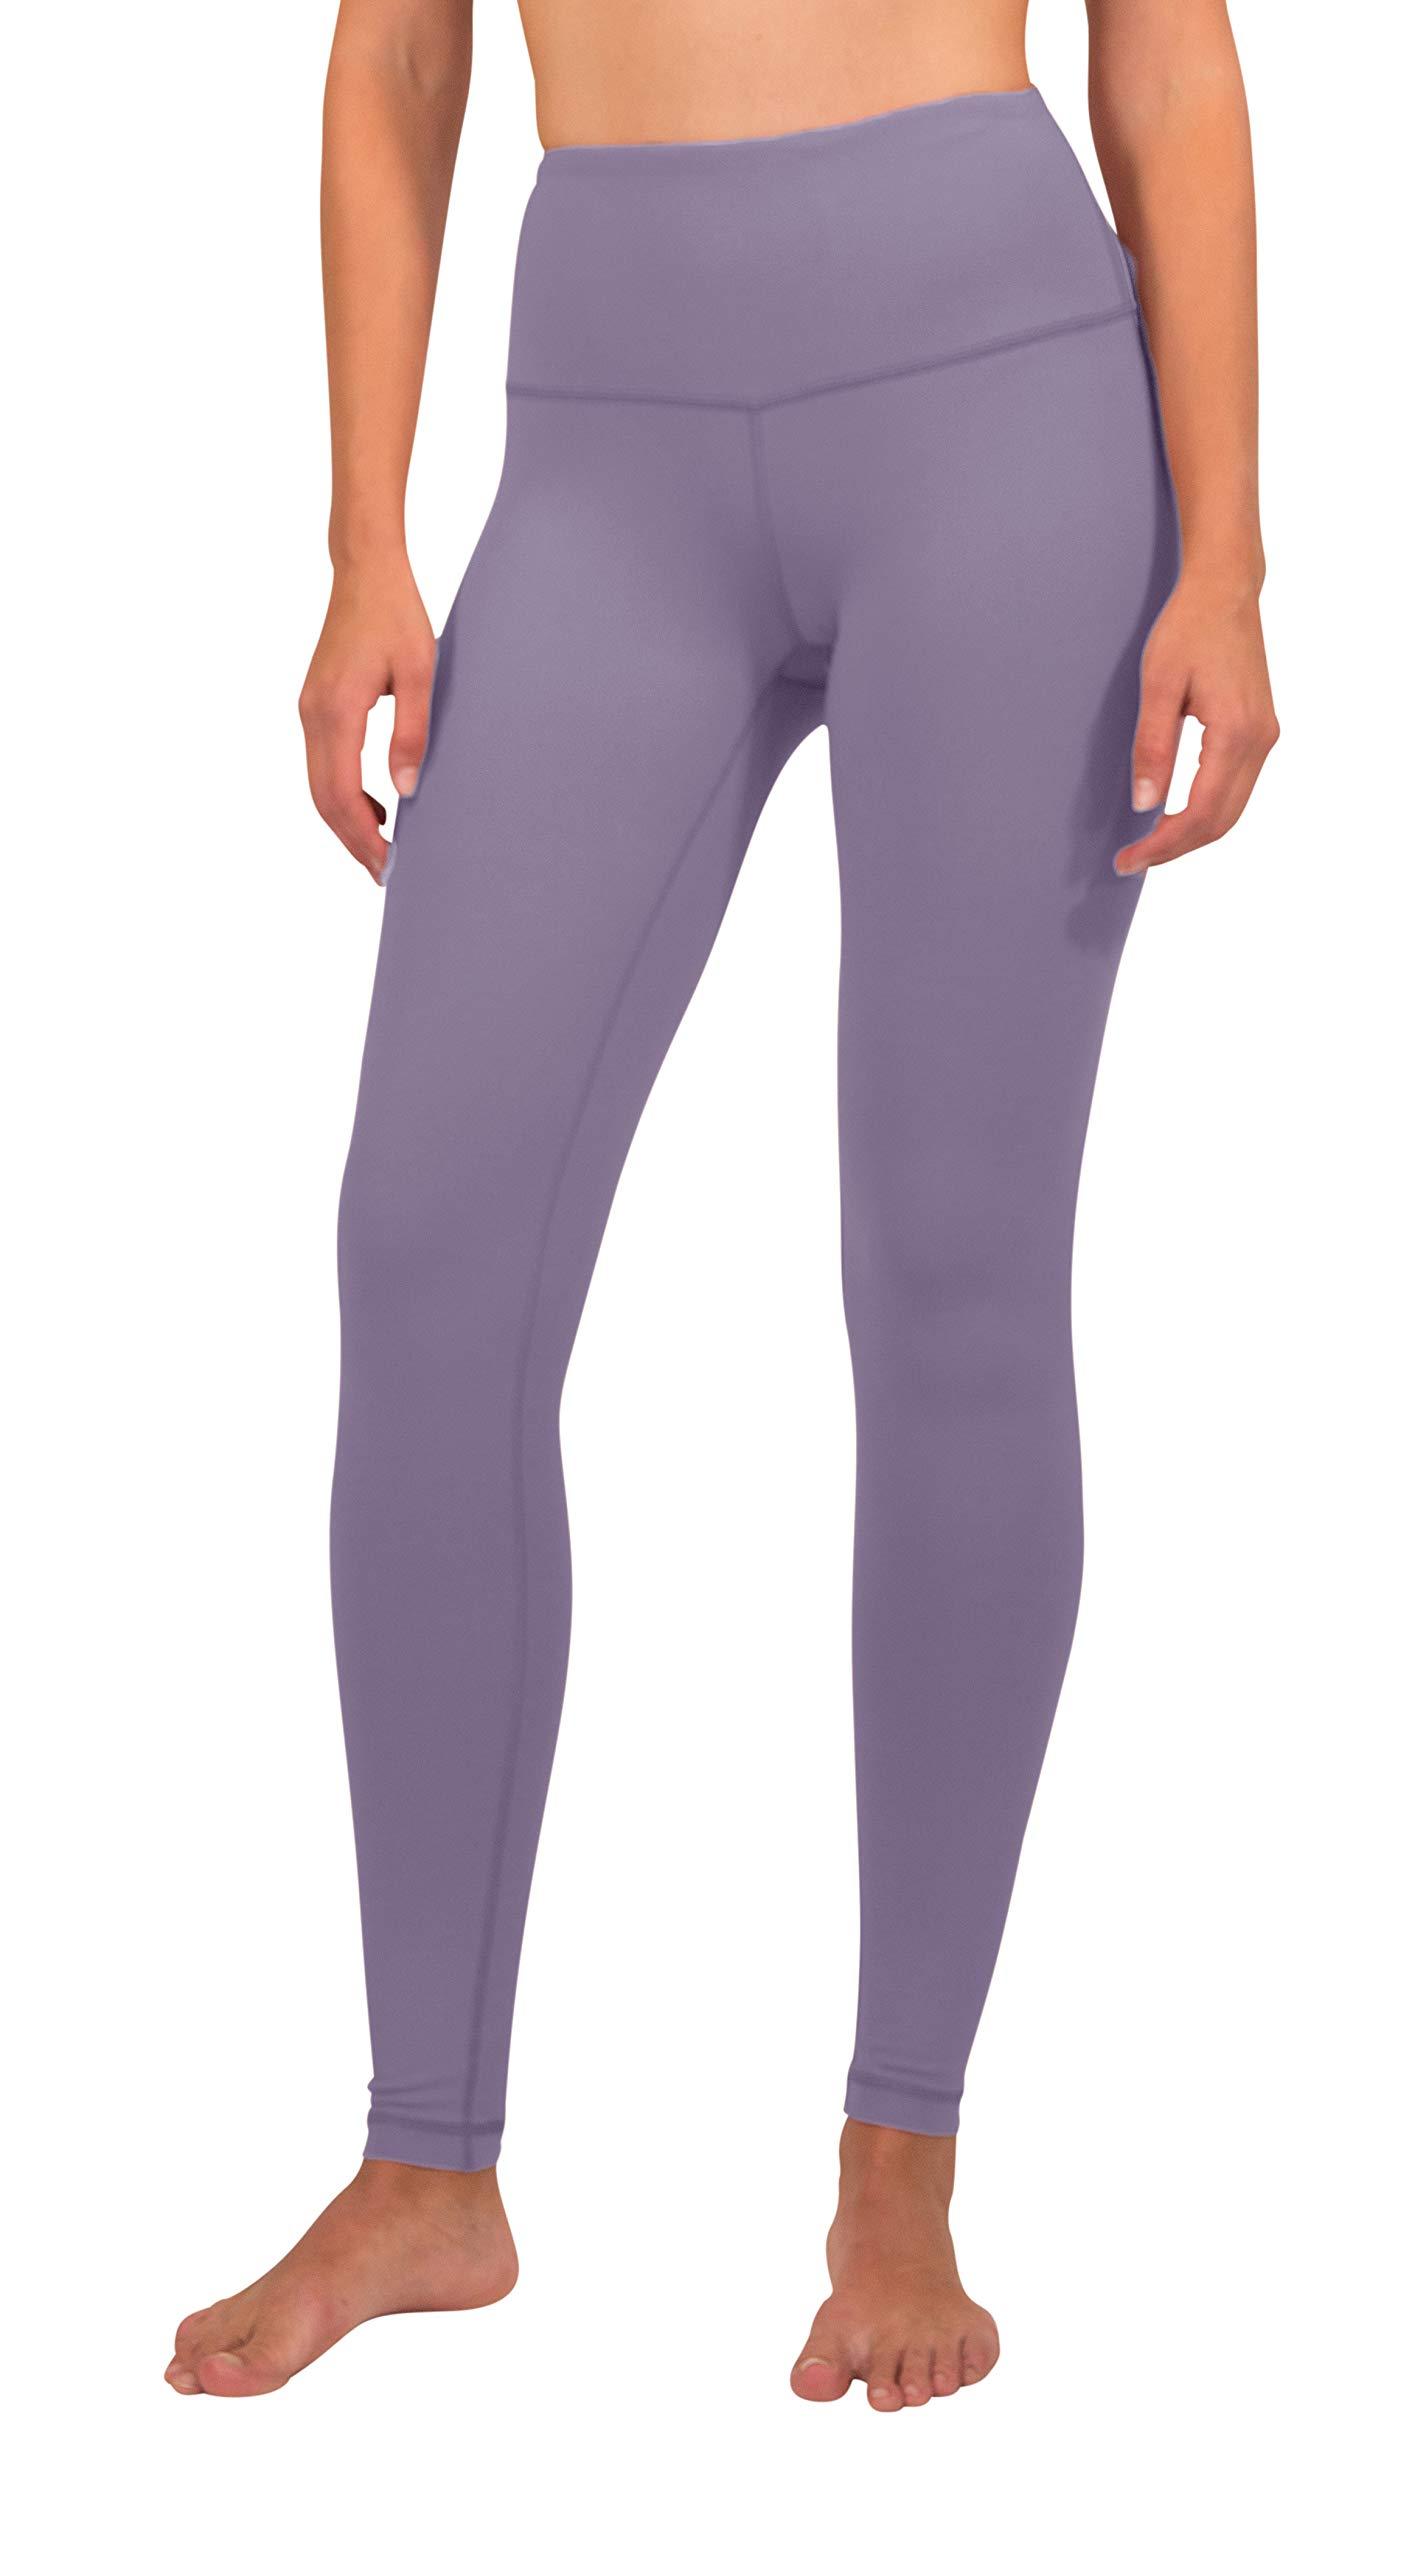 90 Degree By Reflex - High Waist Power Flex Legging - Tummy Control - Vintage Lilac - Small by 90 Degree By Reflex